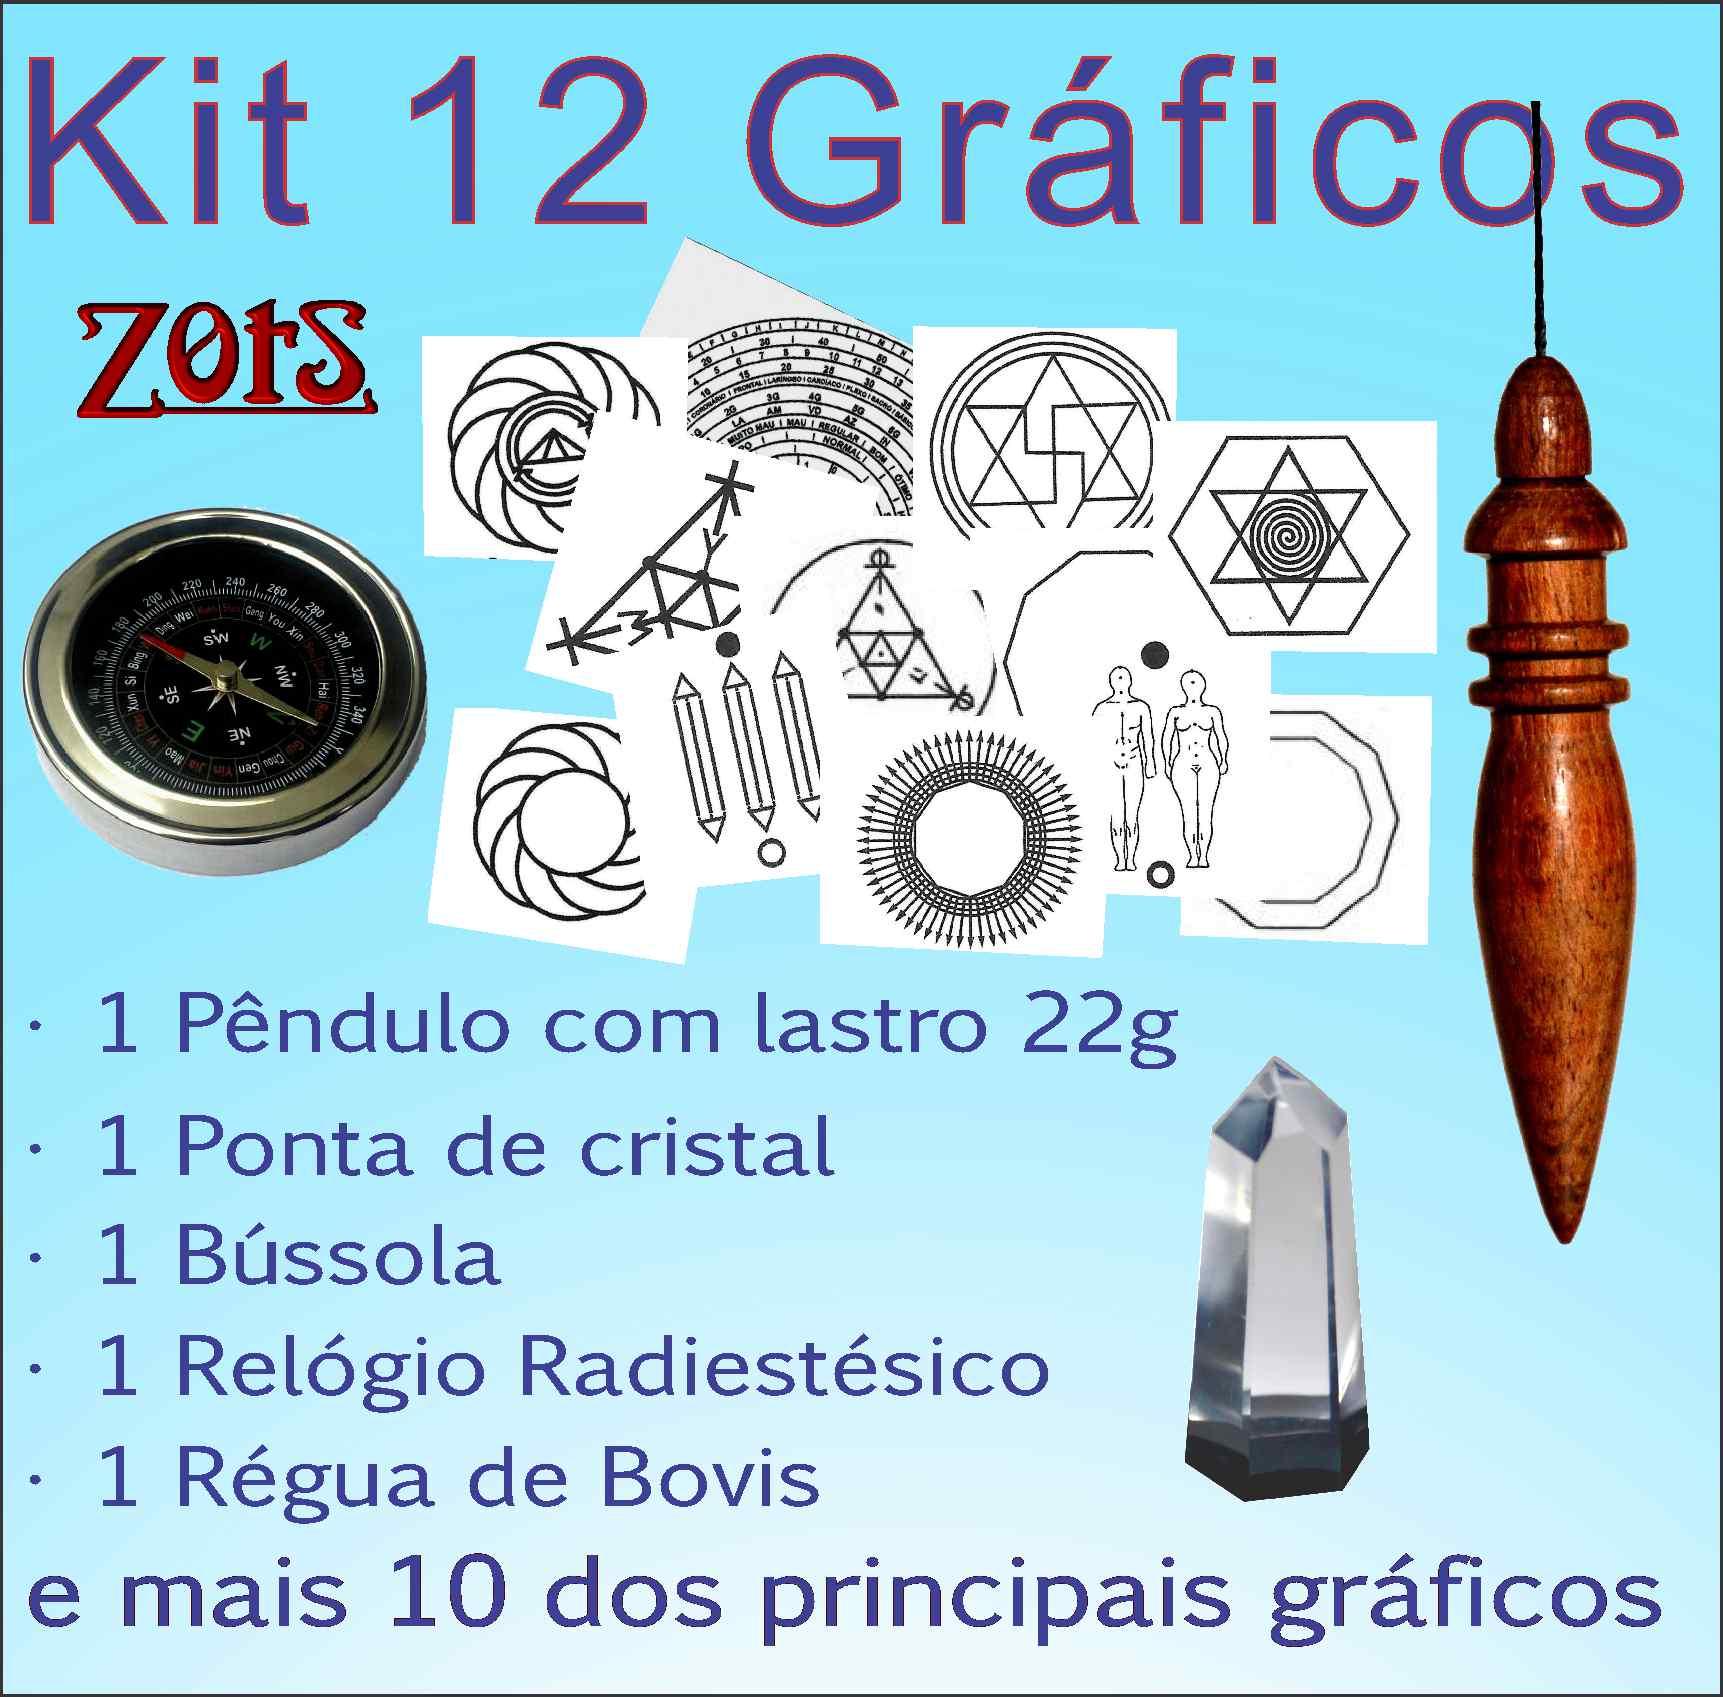 Kit 12 Gráficos